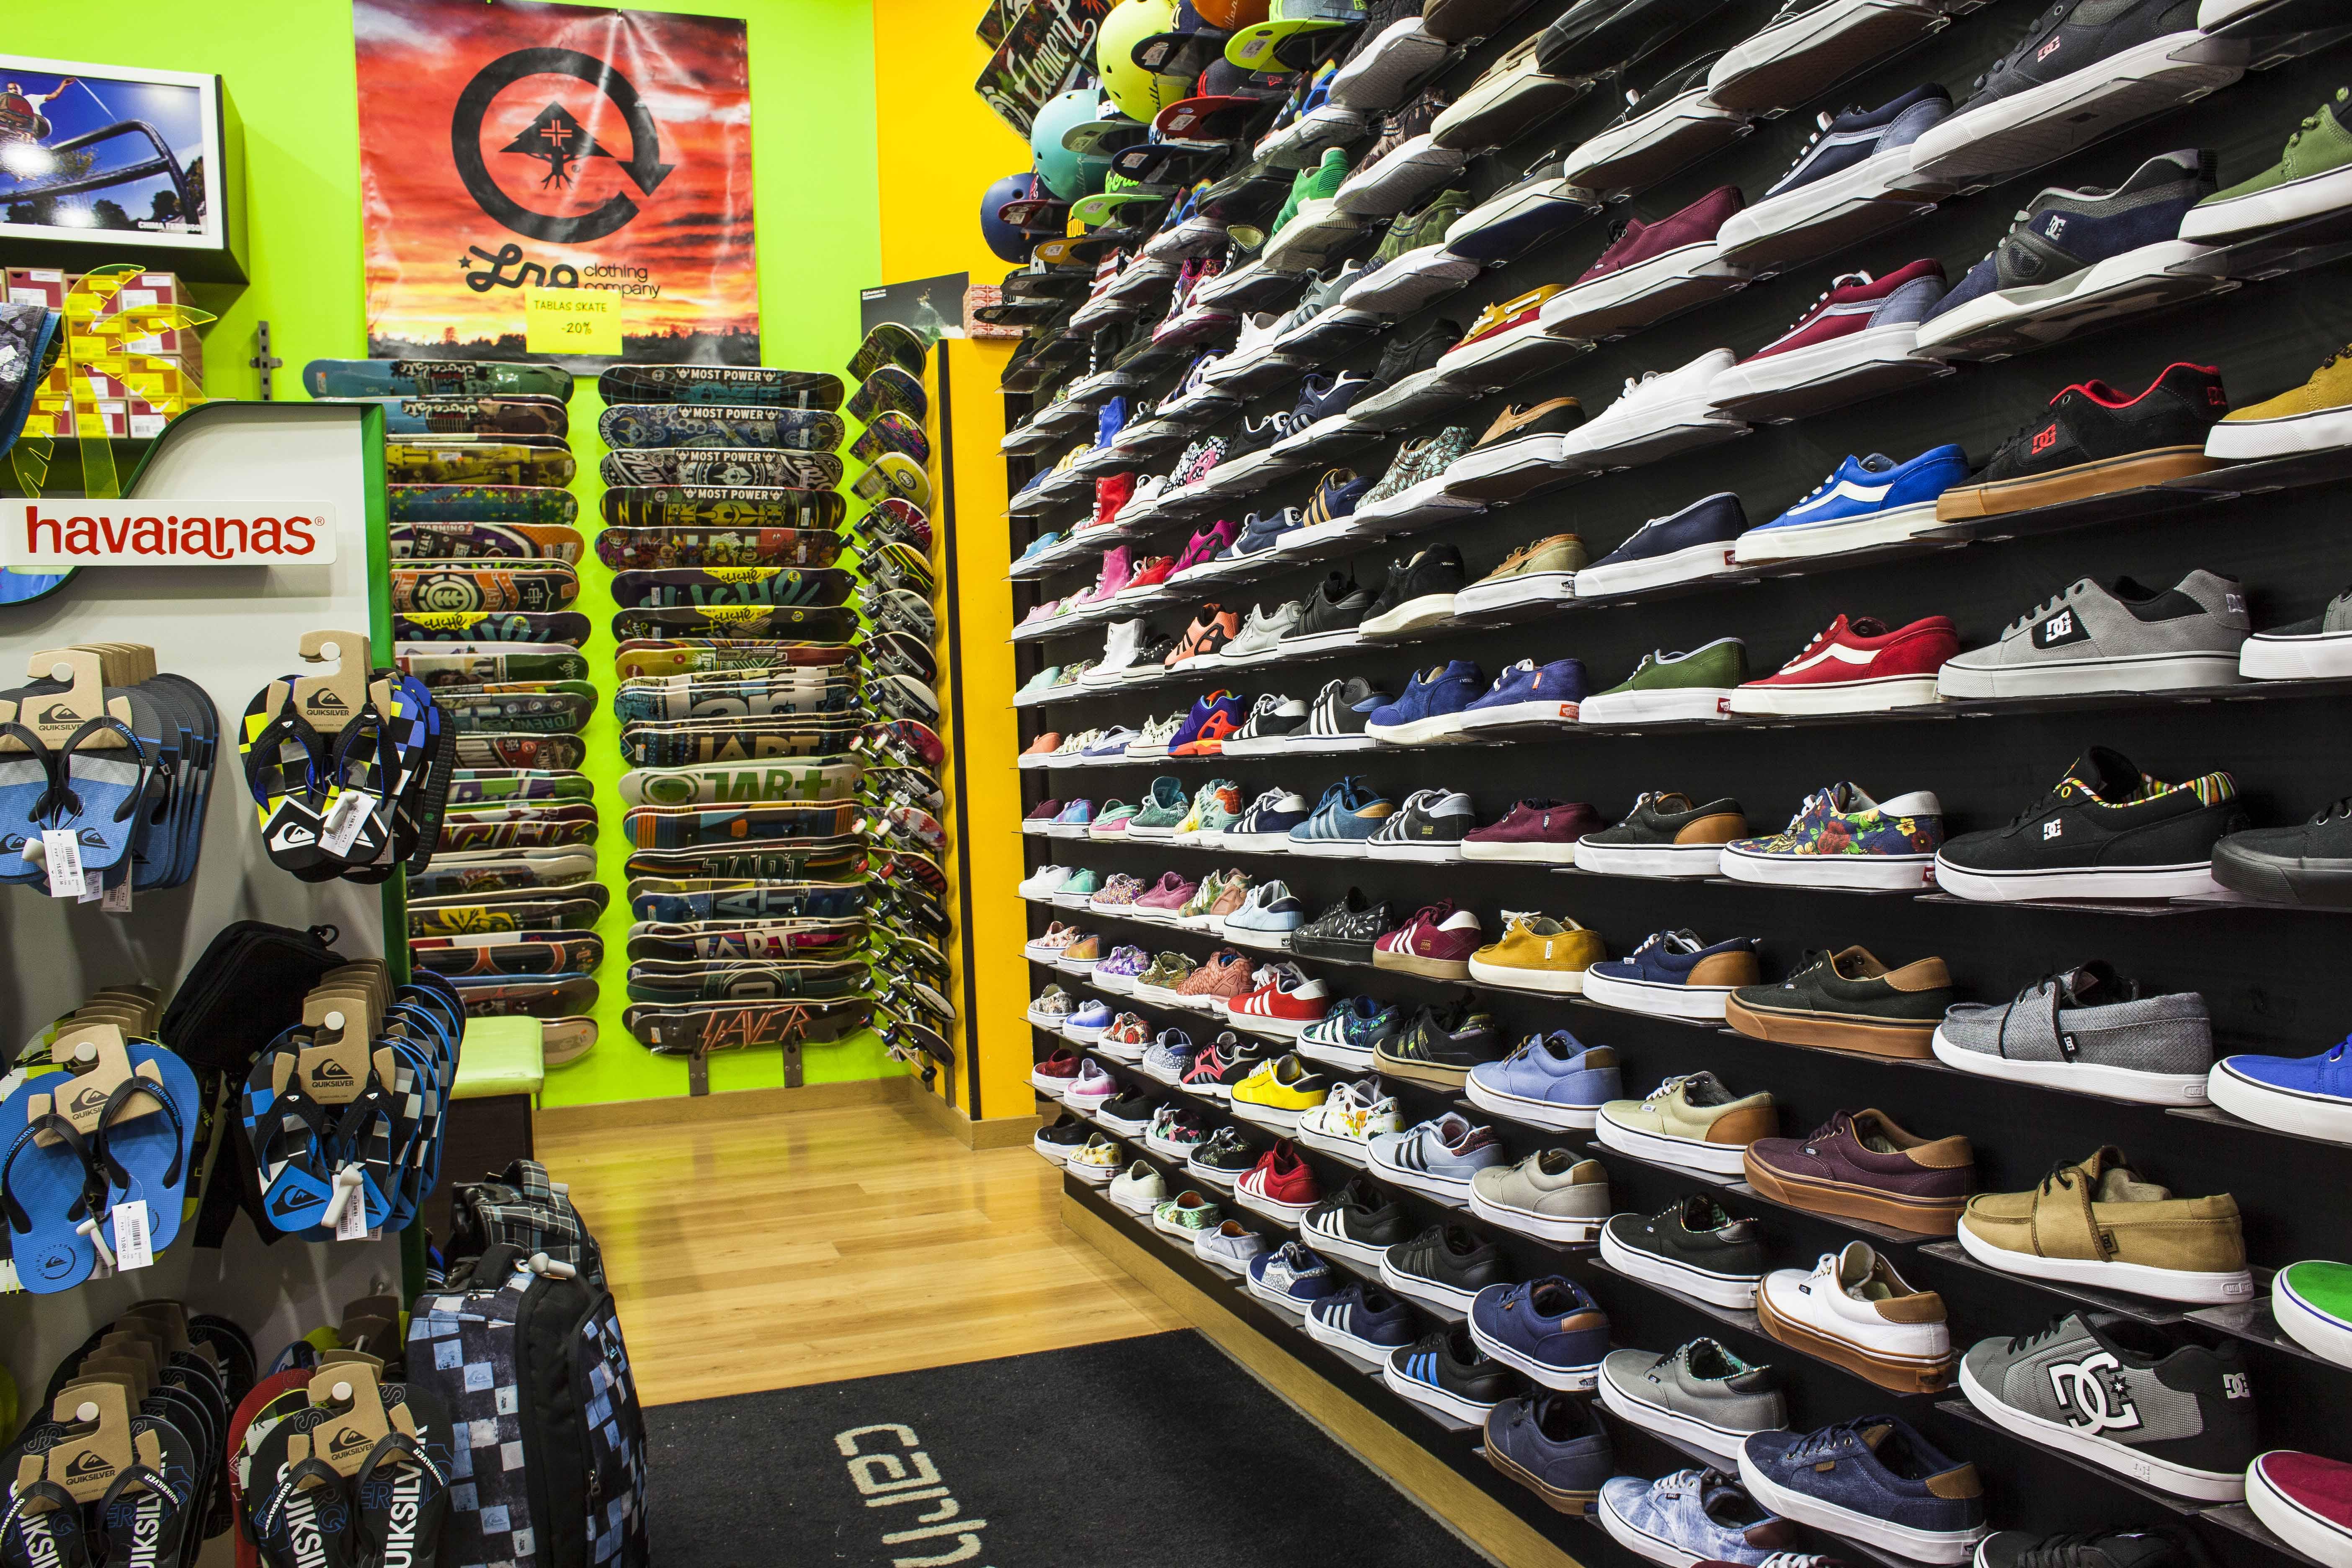 caricia crema adoptar  DACKS COMPANY - Dacks Surf & Skate Company